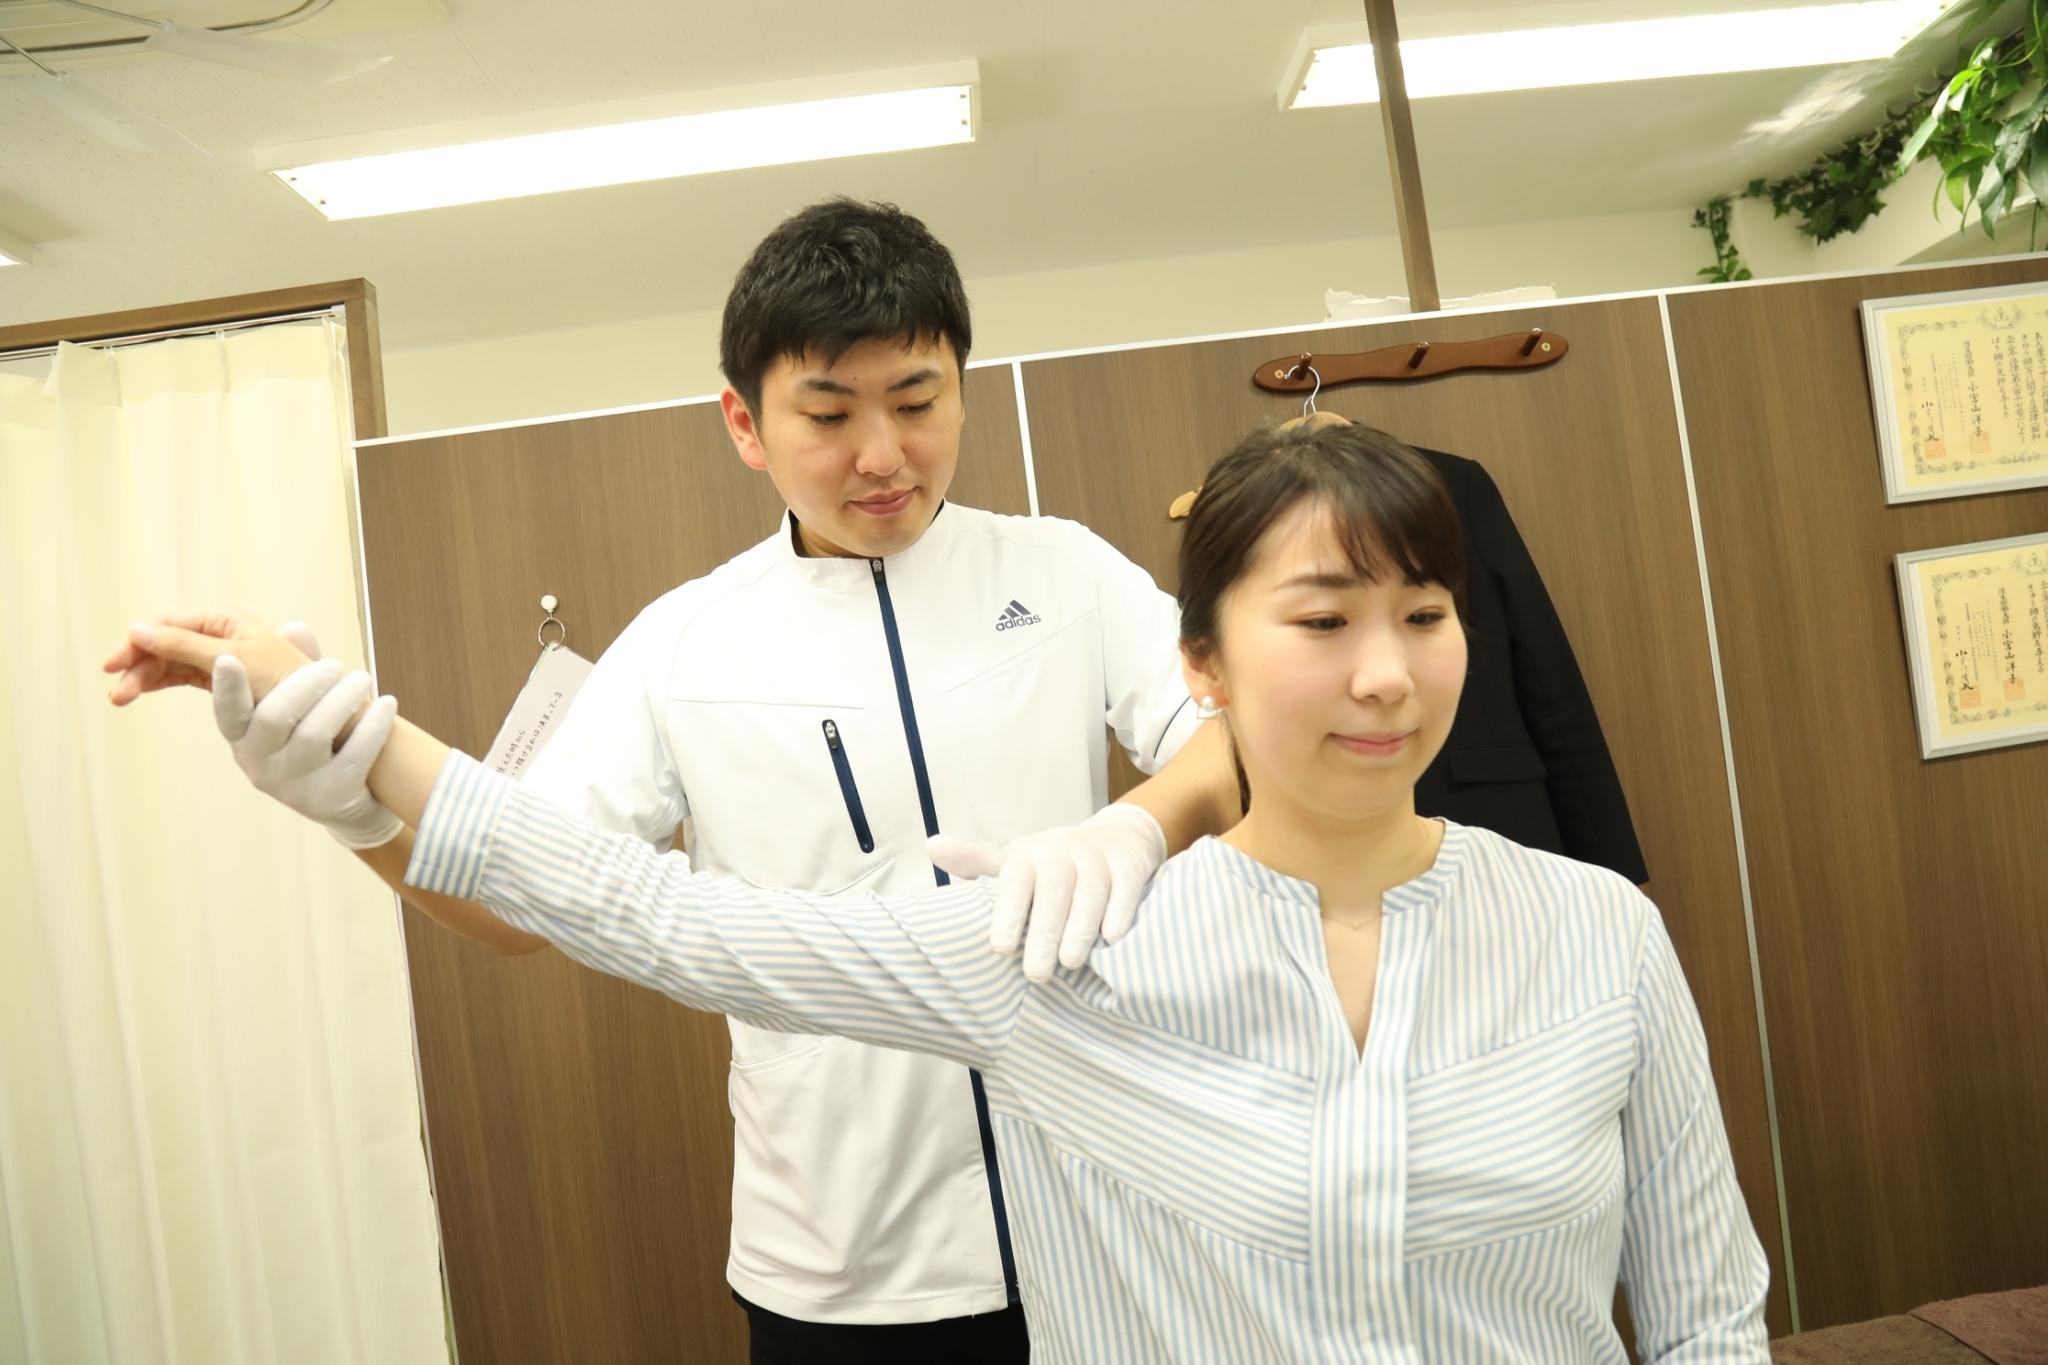 神経質すぎて前頭骨(おでこ)が硬くなり薄くなった??てっぺん薄毛編